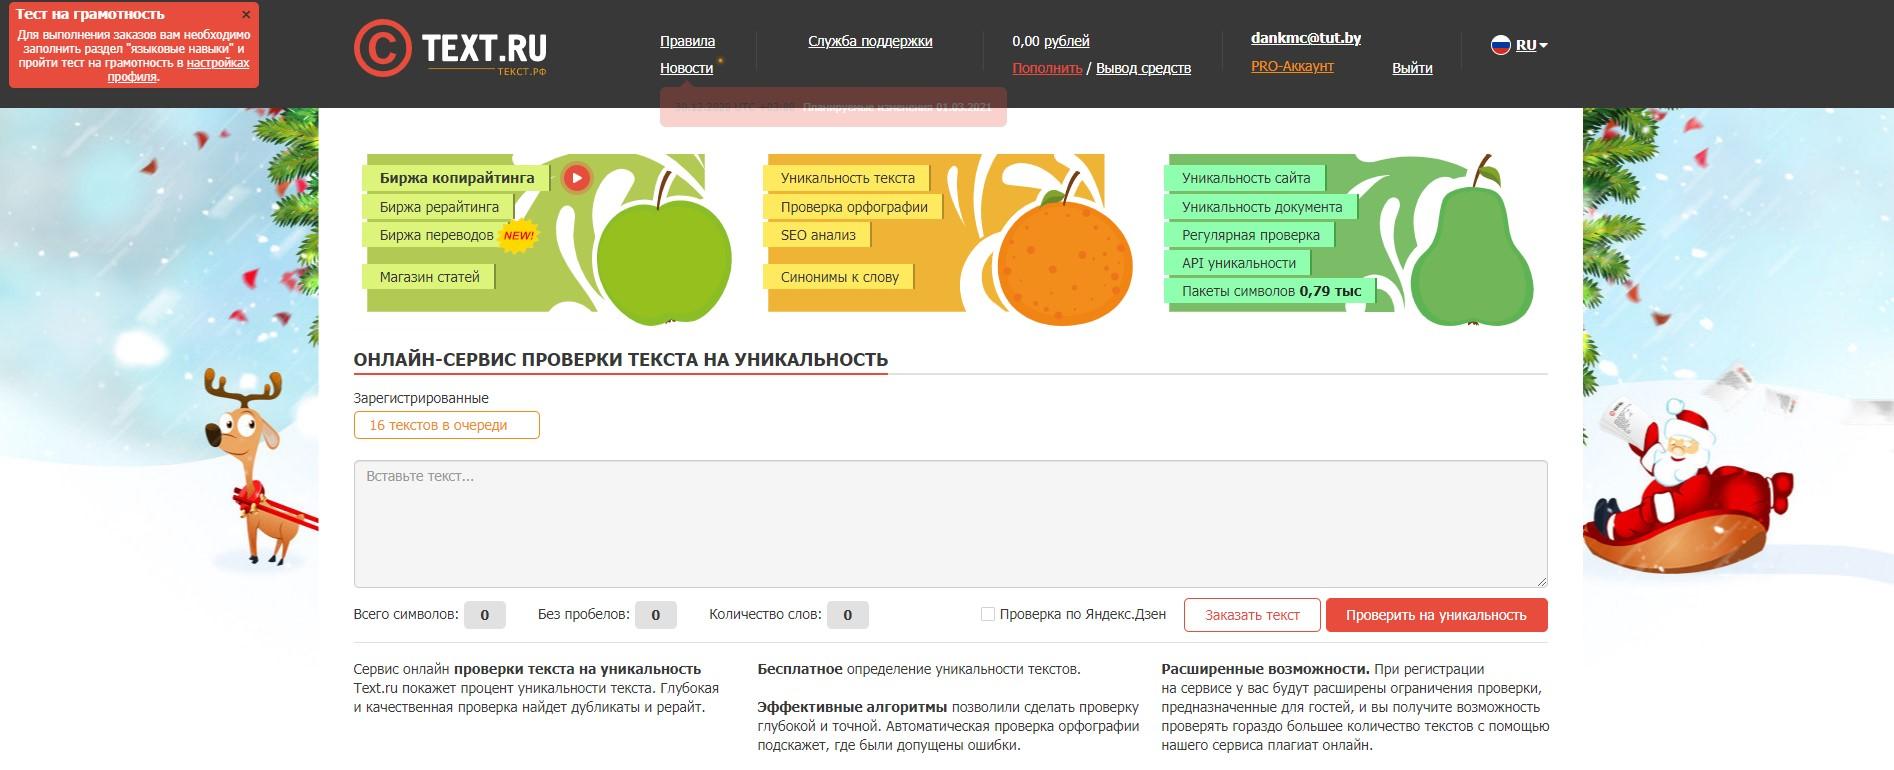 ТОП-1 среди сервисов проверки уникальности текстов - TEXT.RU